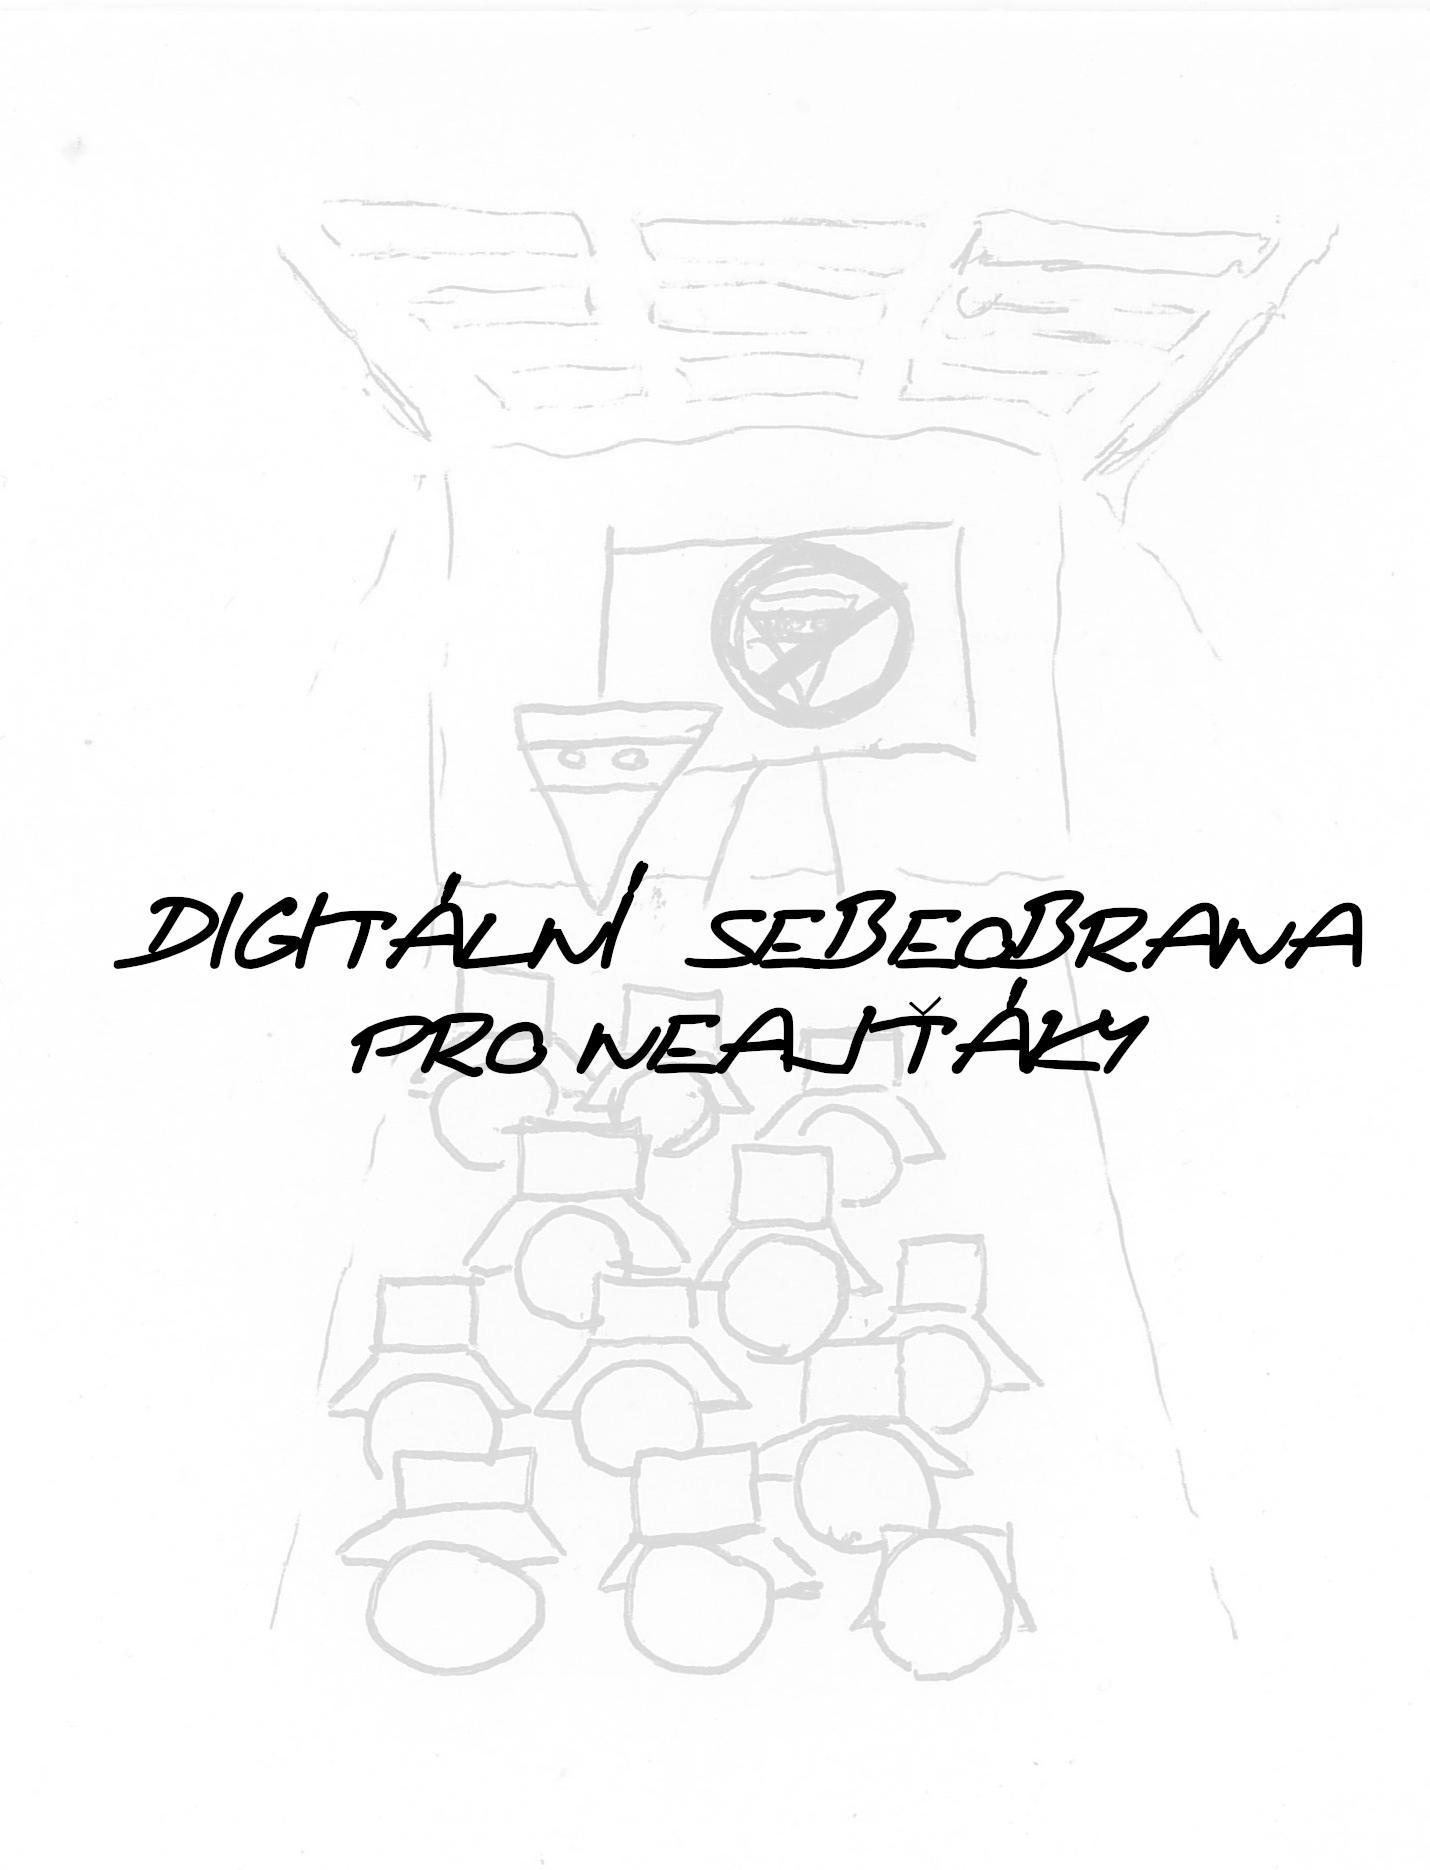 Celodenní workshop Digitální Sebeobrany 19.10.